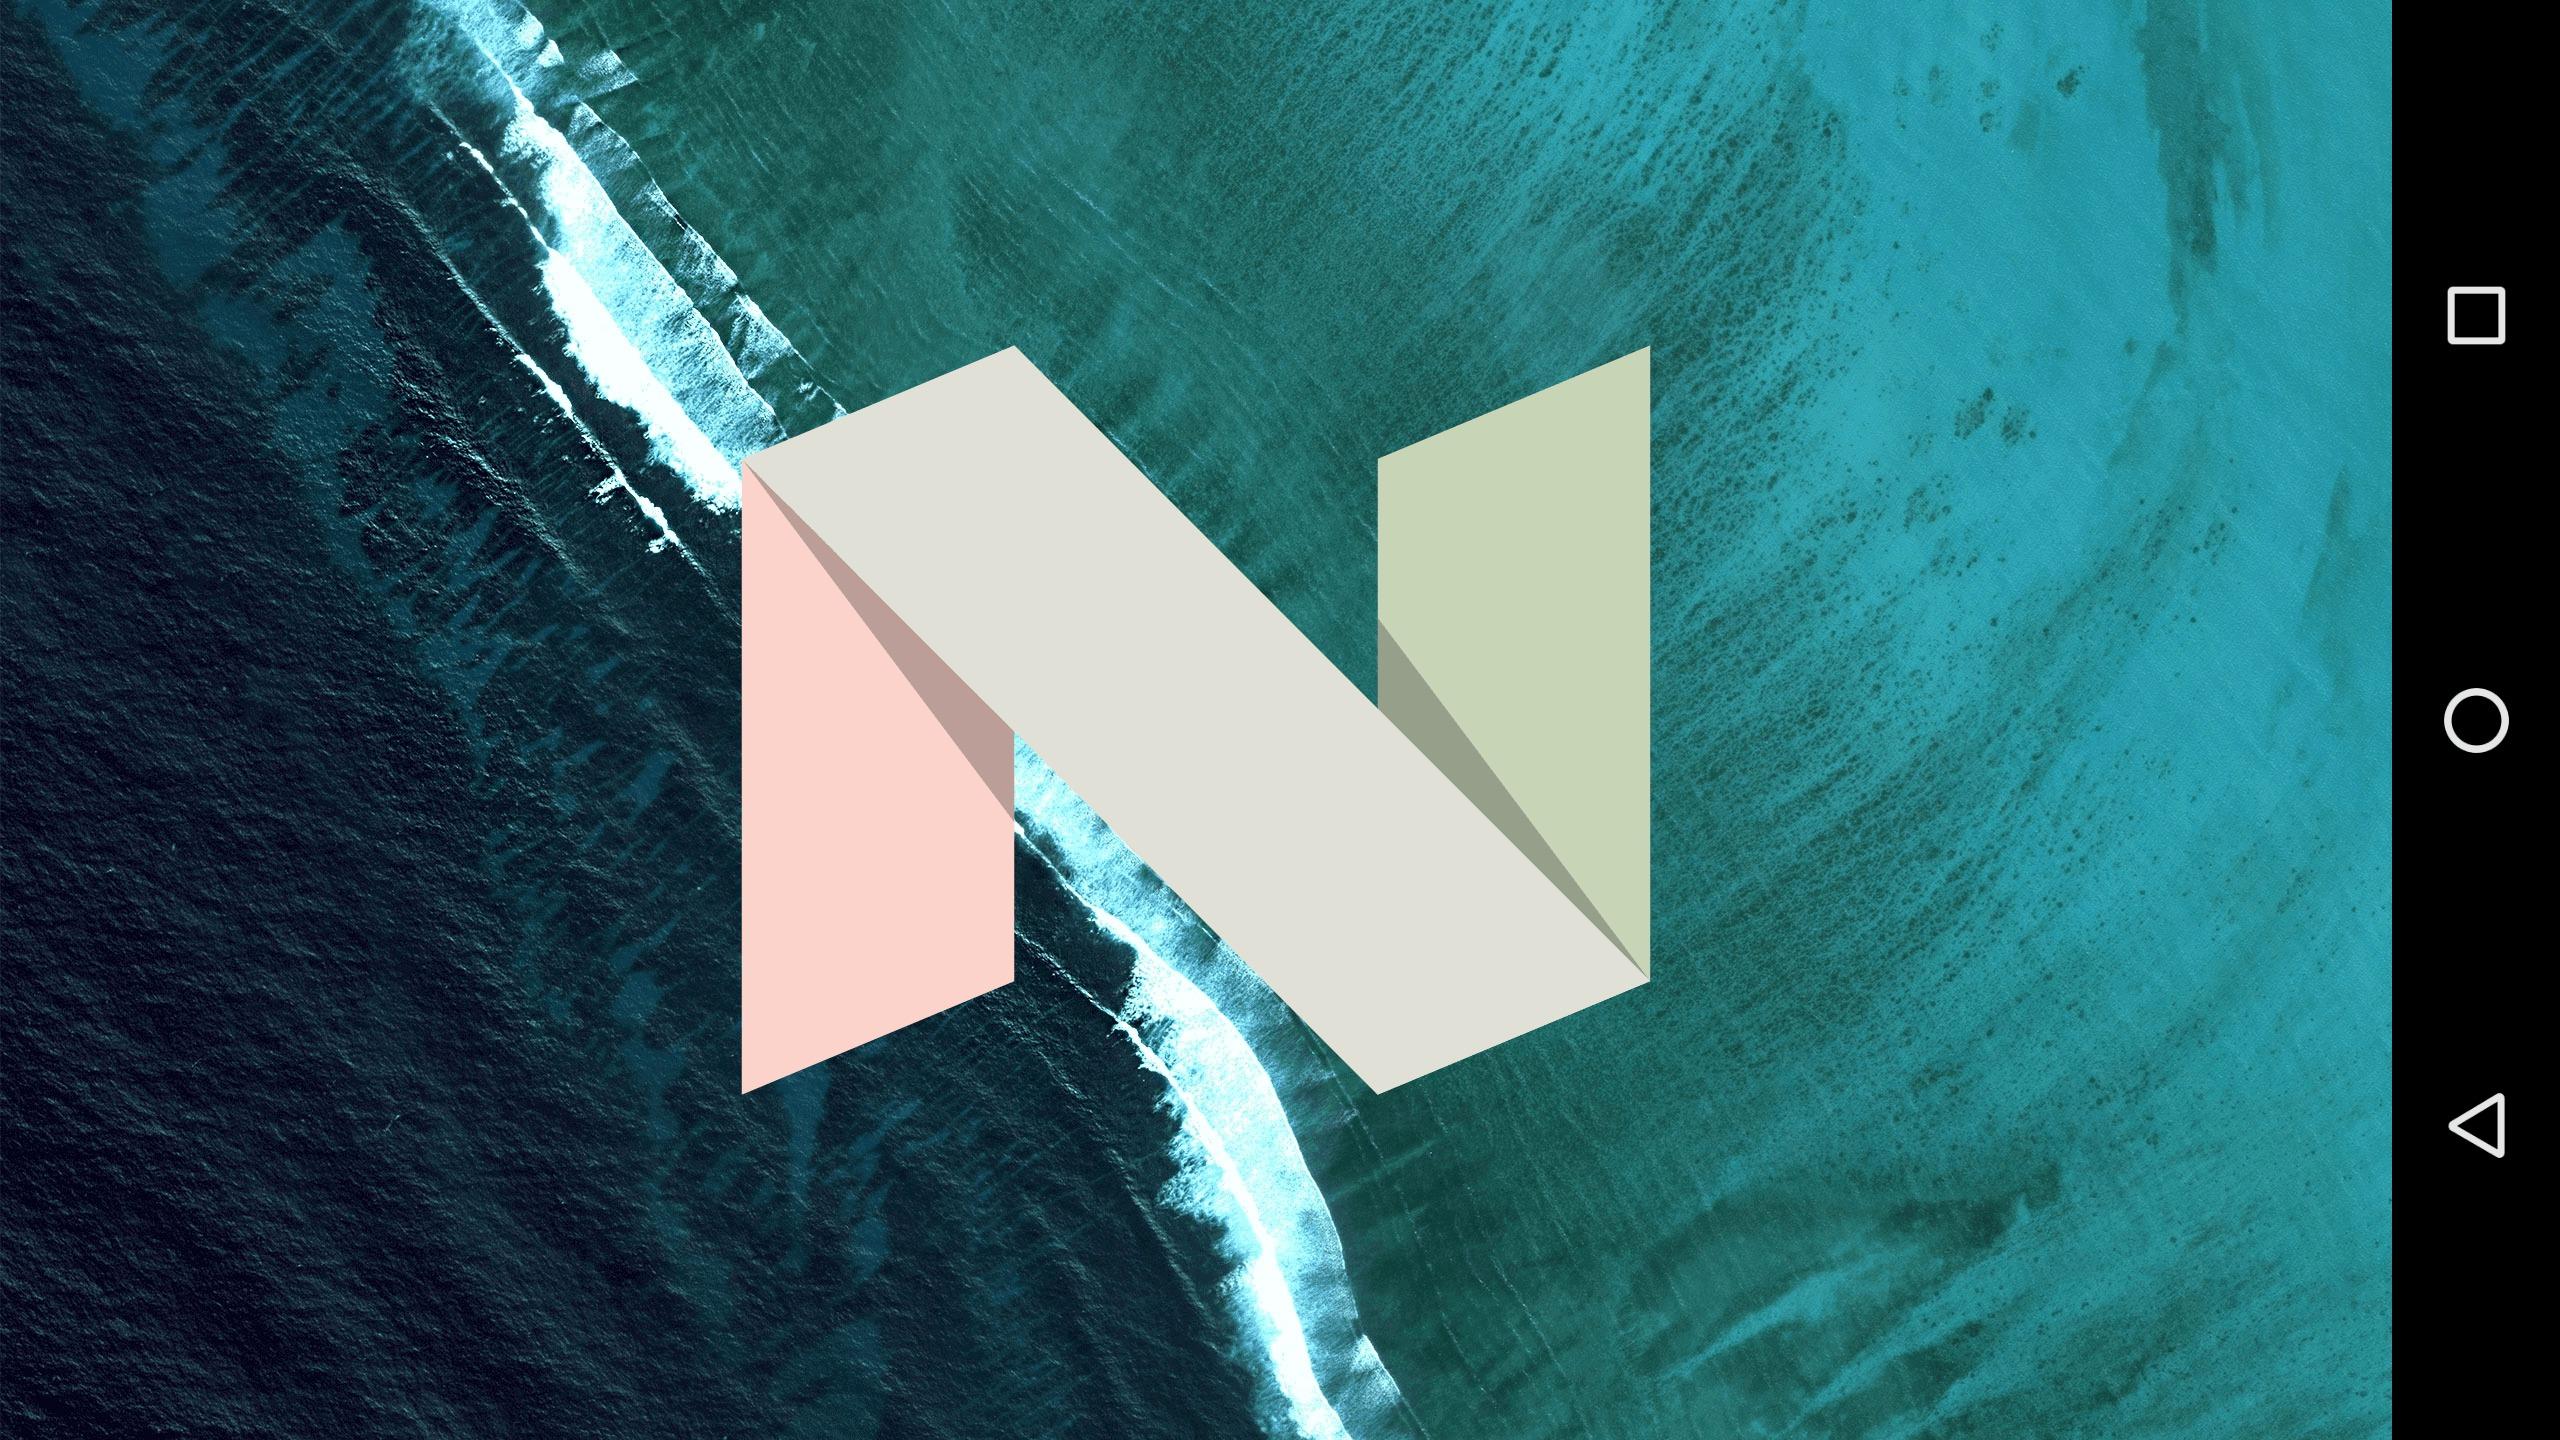 Tech'spresso : Android 7.0 Nougat de sortie, Pokémon Go se met à jour, et un HTC One A9 peu pressé